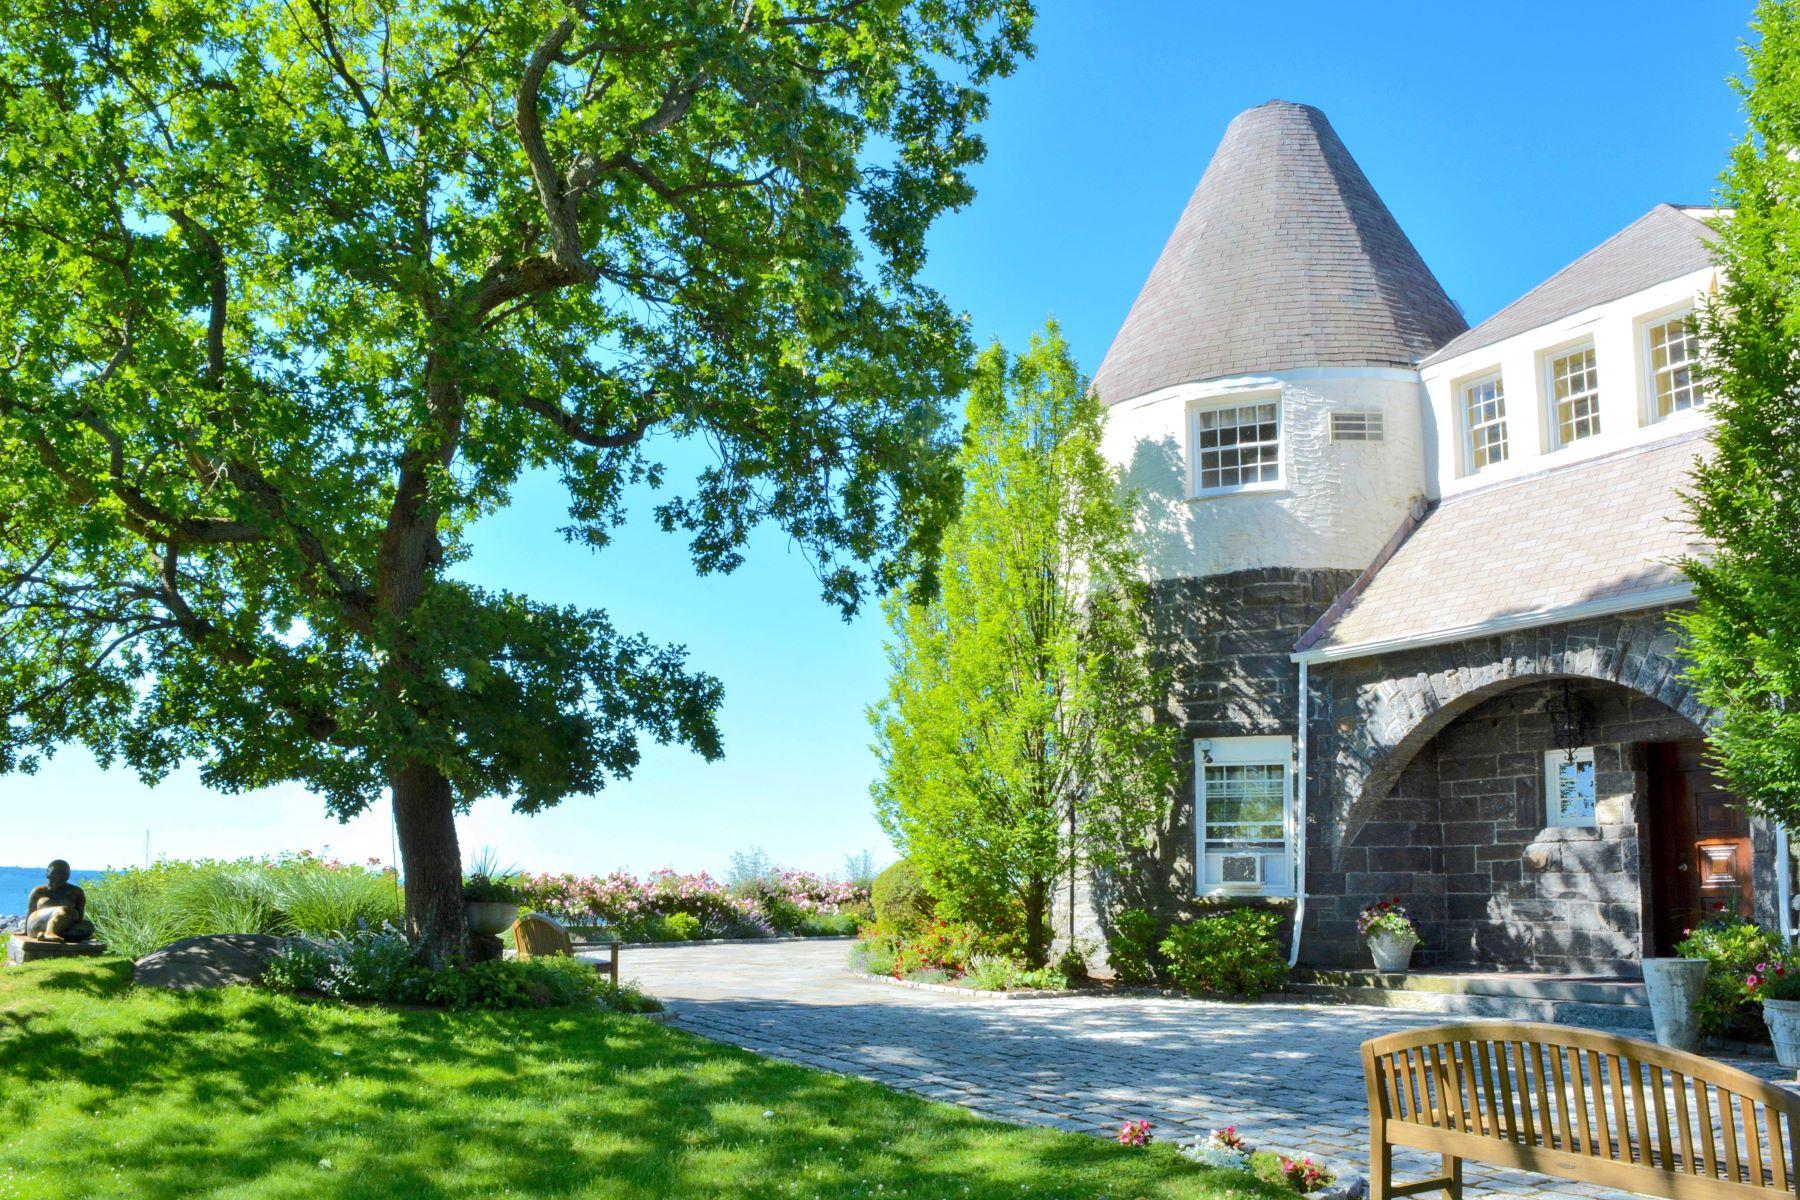 Частный односемейный дом для того Продажа на Beach, Boating & Privacy. Westchester County Mamaroneck, Нью-Йорк 10543 Соединенные Штаты